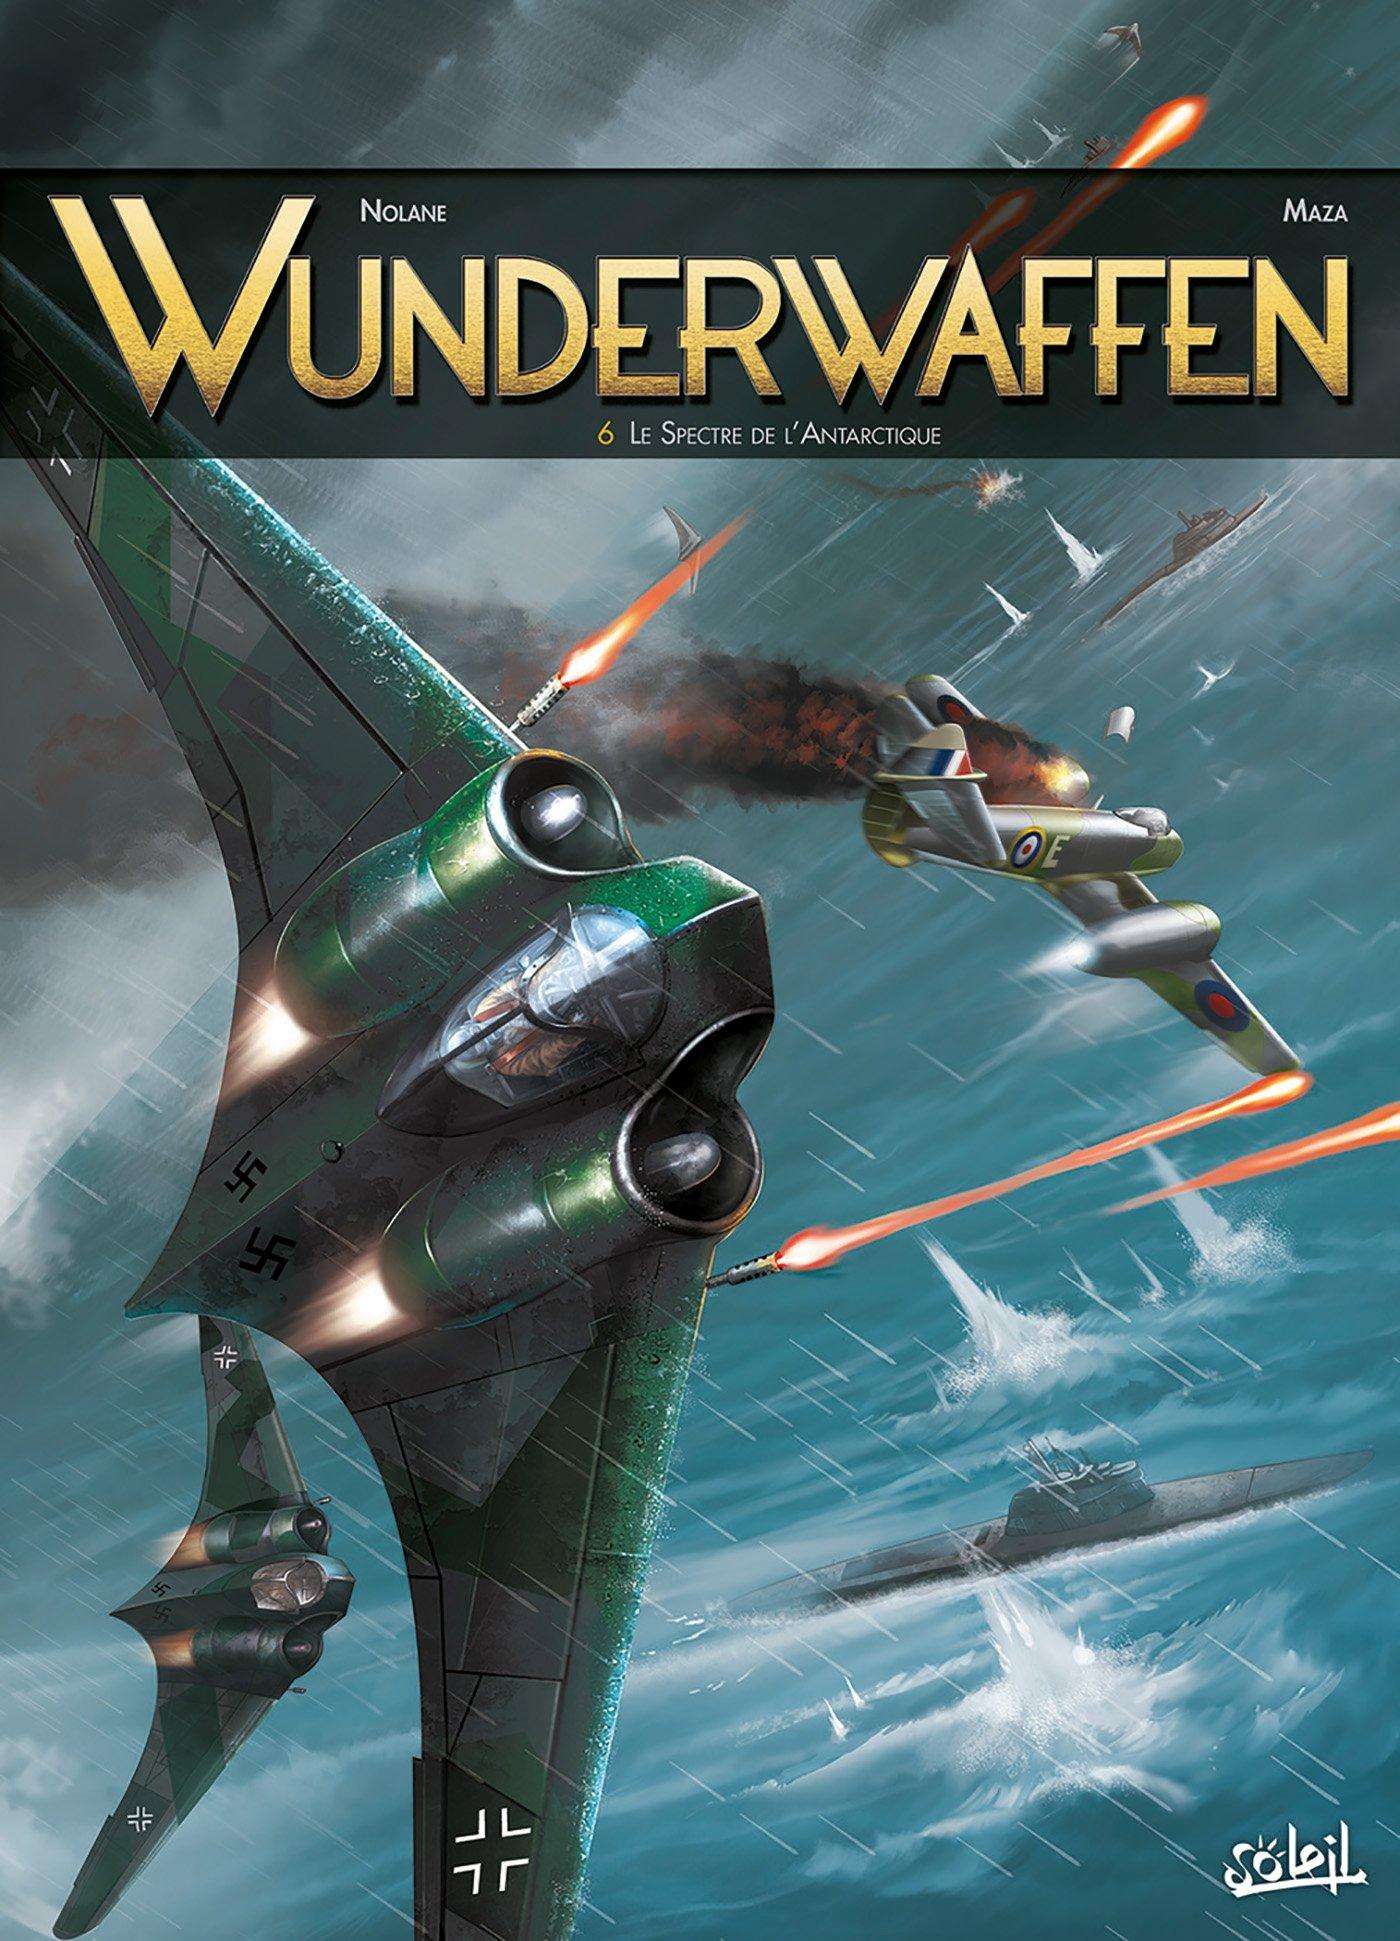 Wunderwaffen 6 - Le Spectre de l'Antarctique